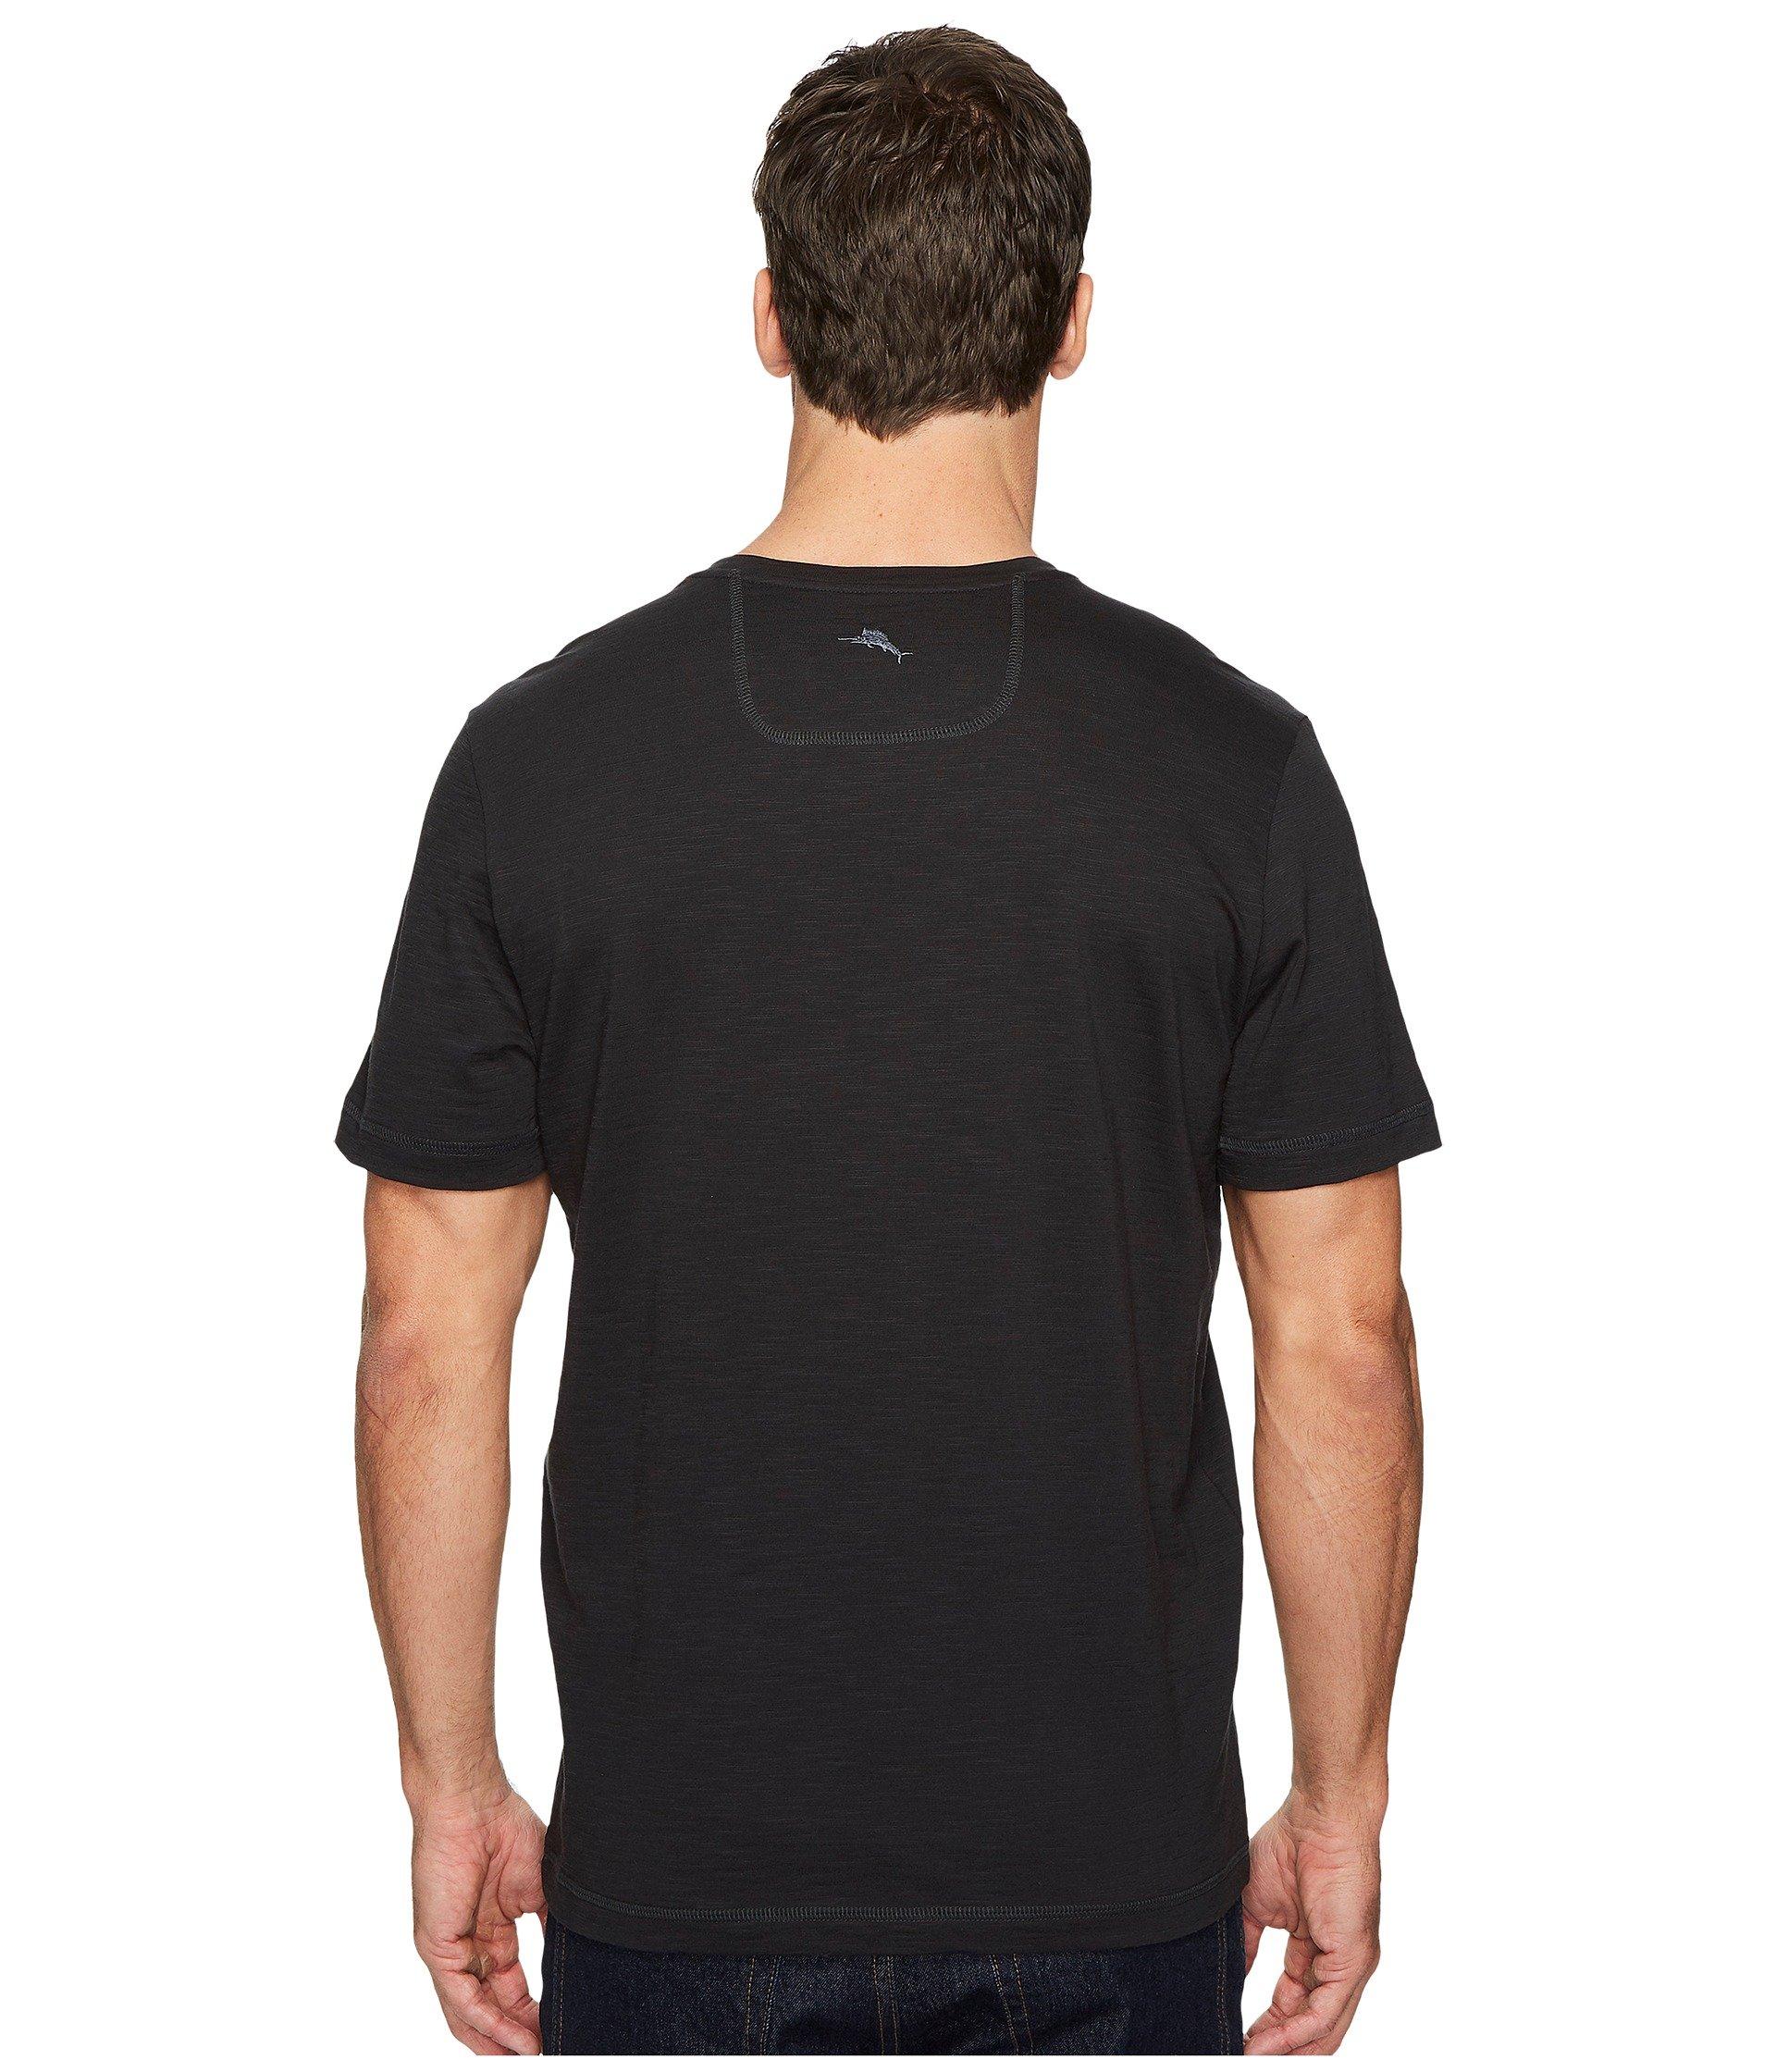 shirt Palms Portside Bahama neck V Tommy Black T EYwRx445